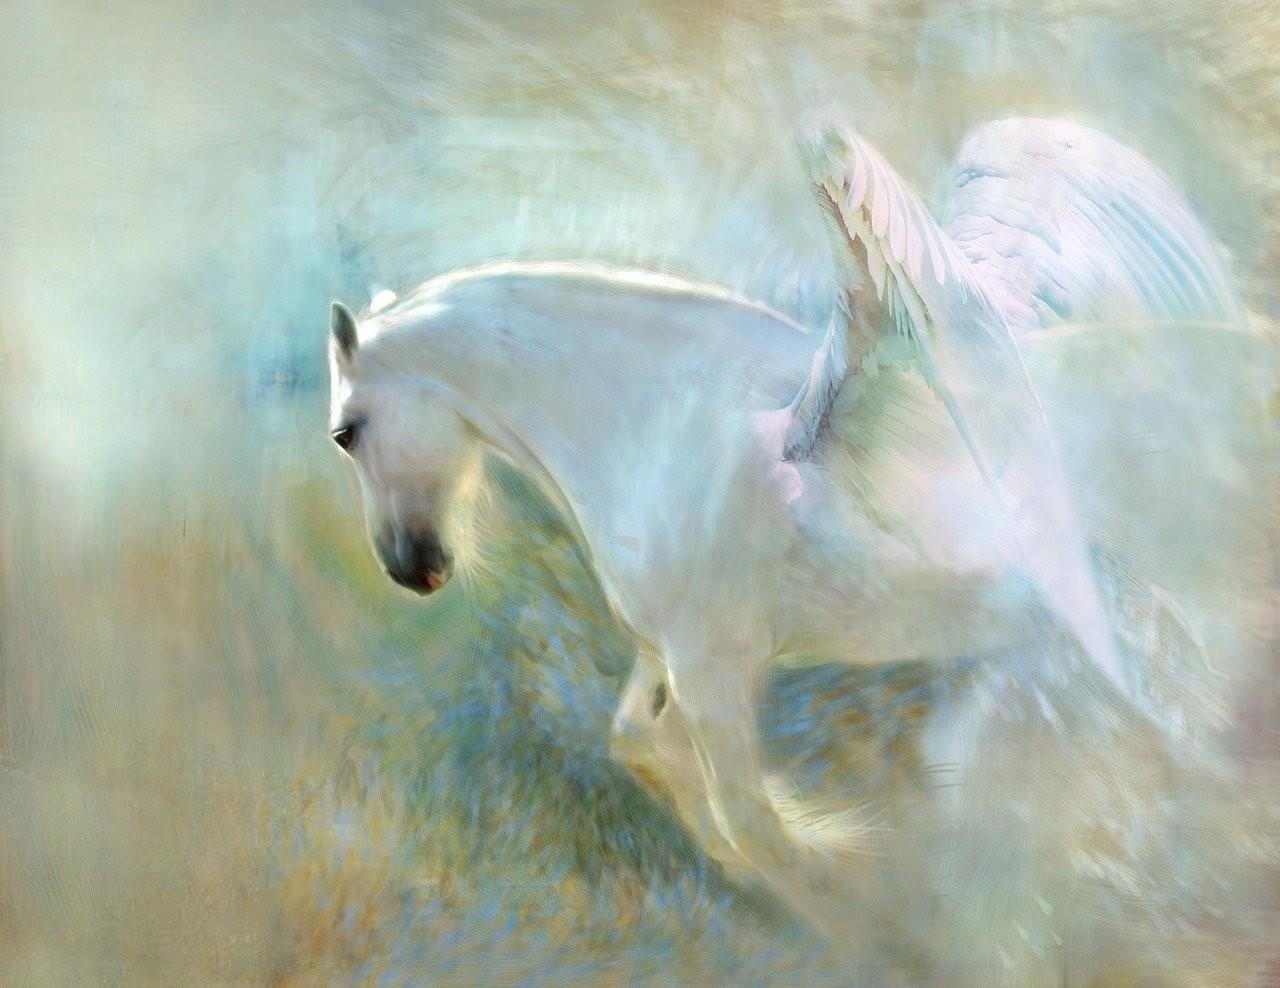 حصان أبيض مجنح